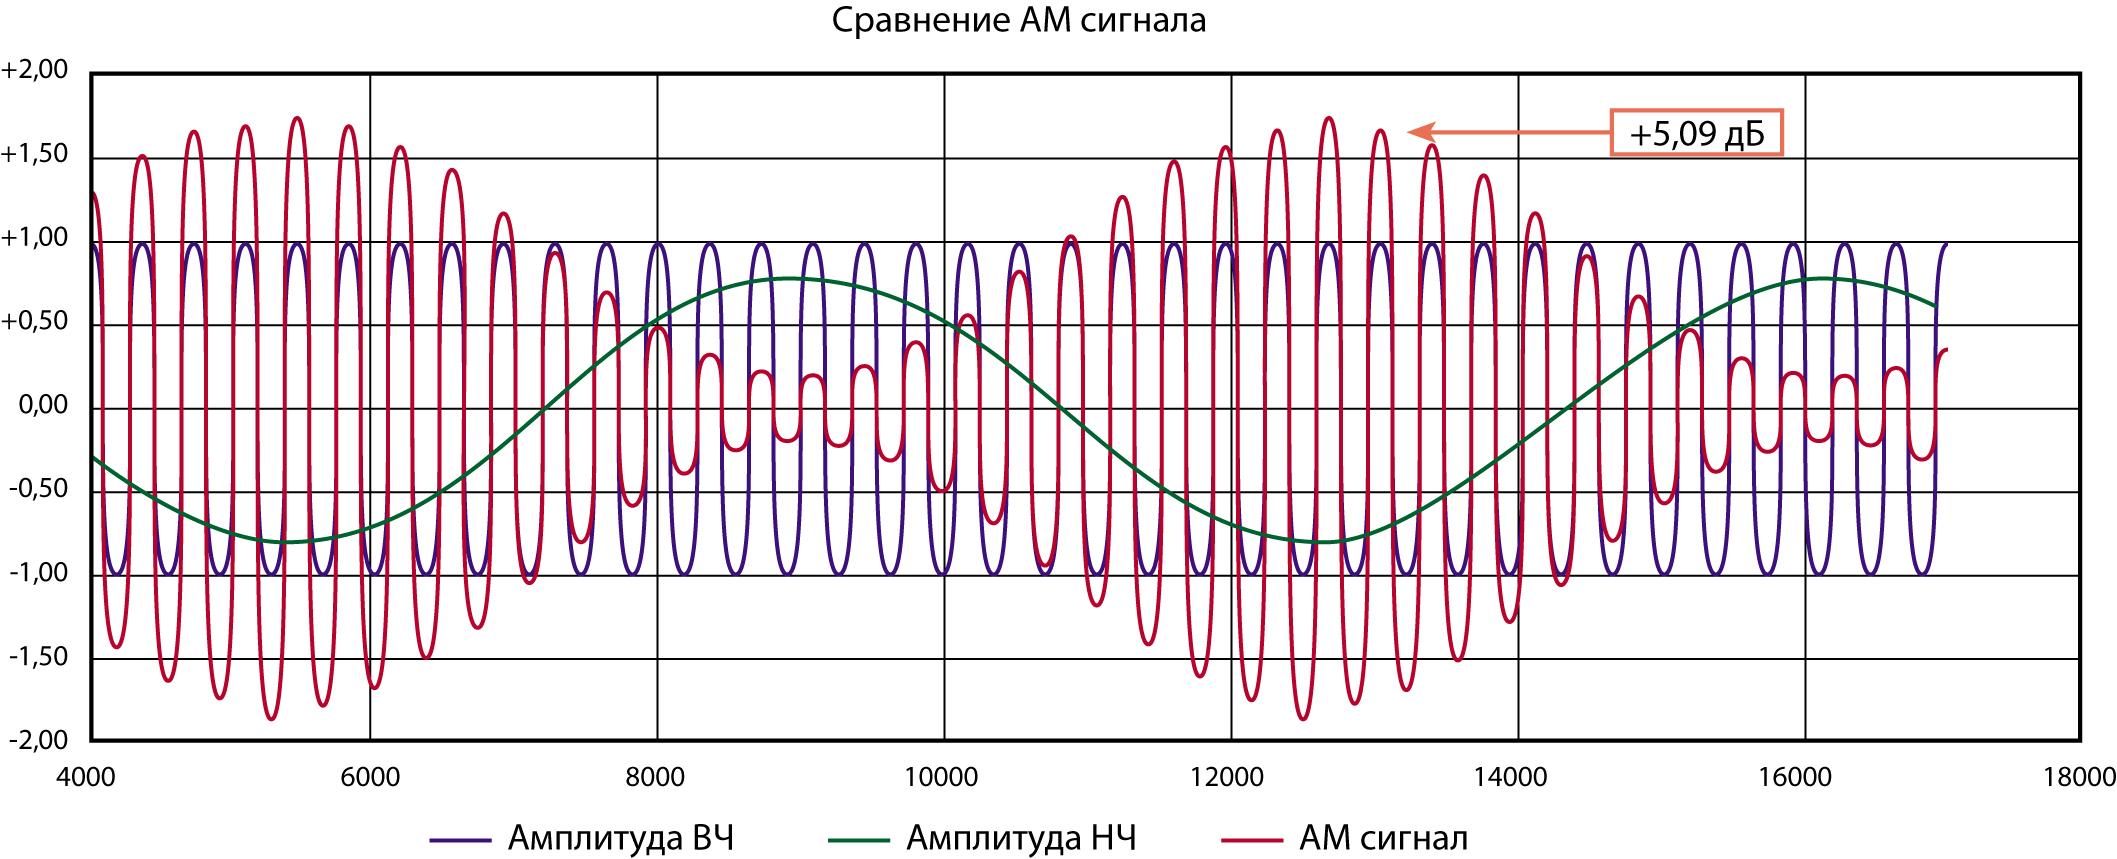 Сравнение между непрерывным режимом и 80 % АМ сигнала